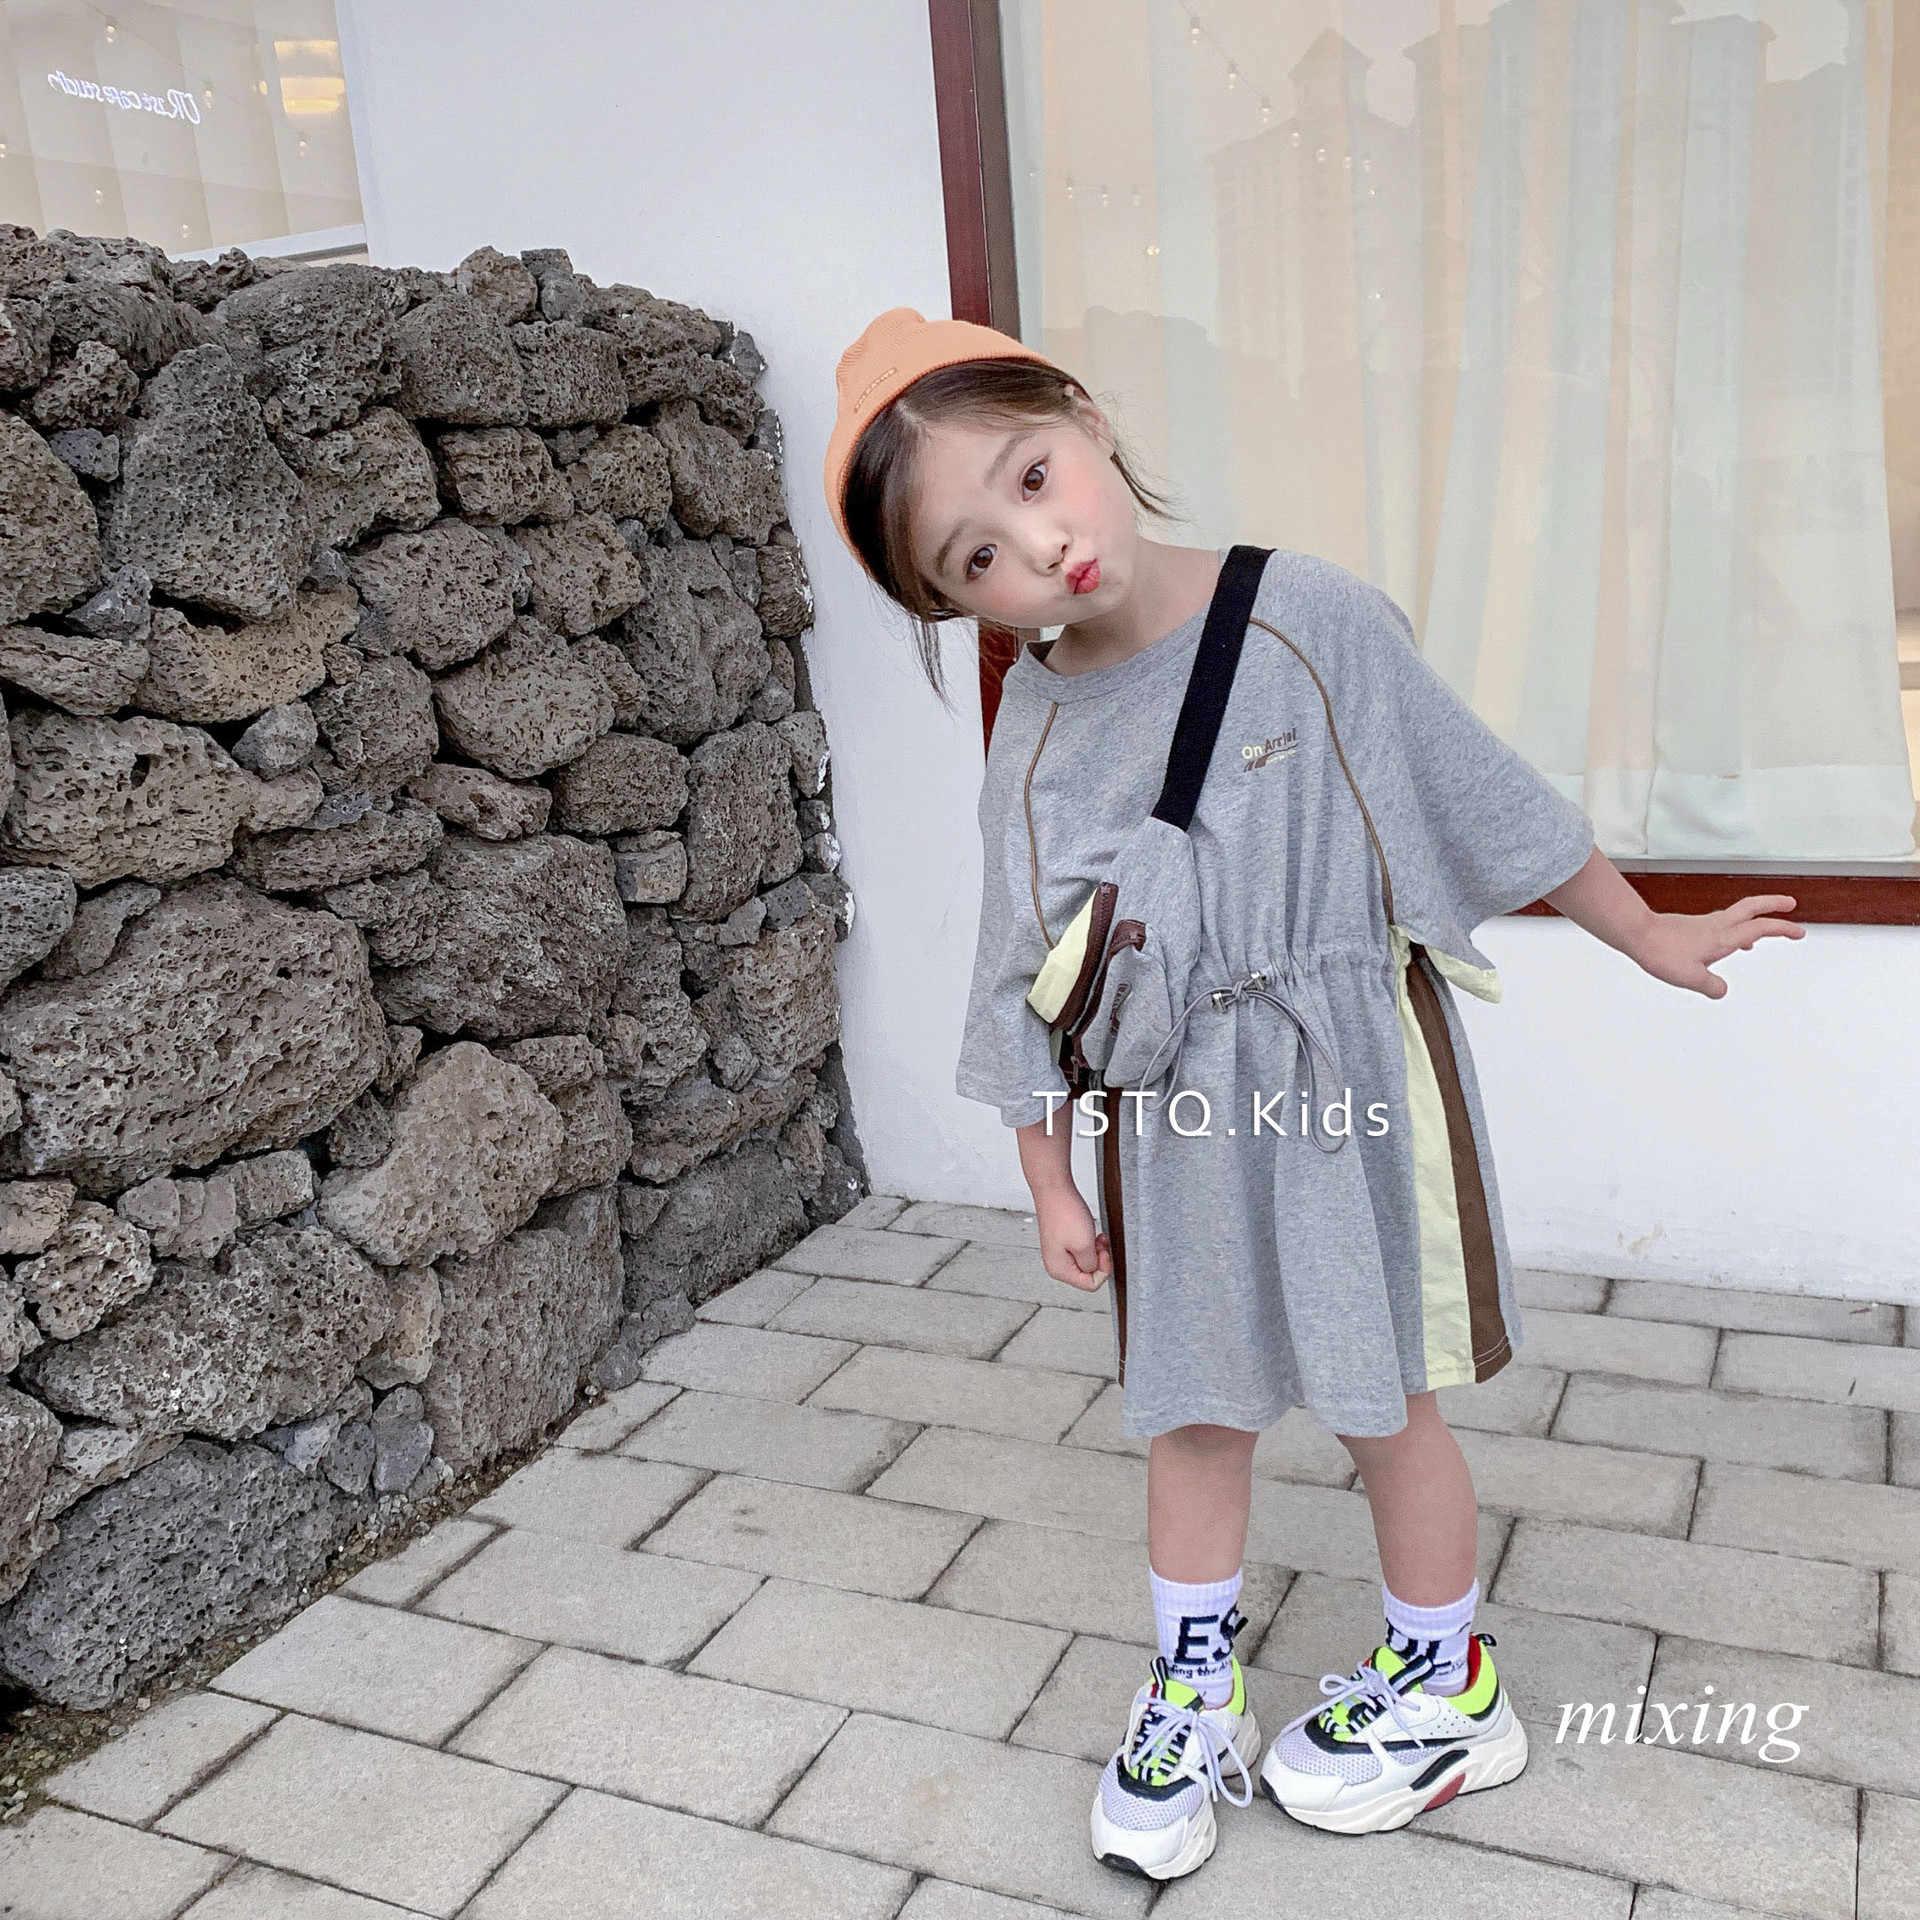 ee648ba91c3 ... Korean summer dress girls long T-shirt 2019 summer new girls dress  T-shirt ...